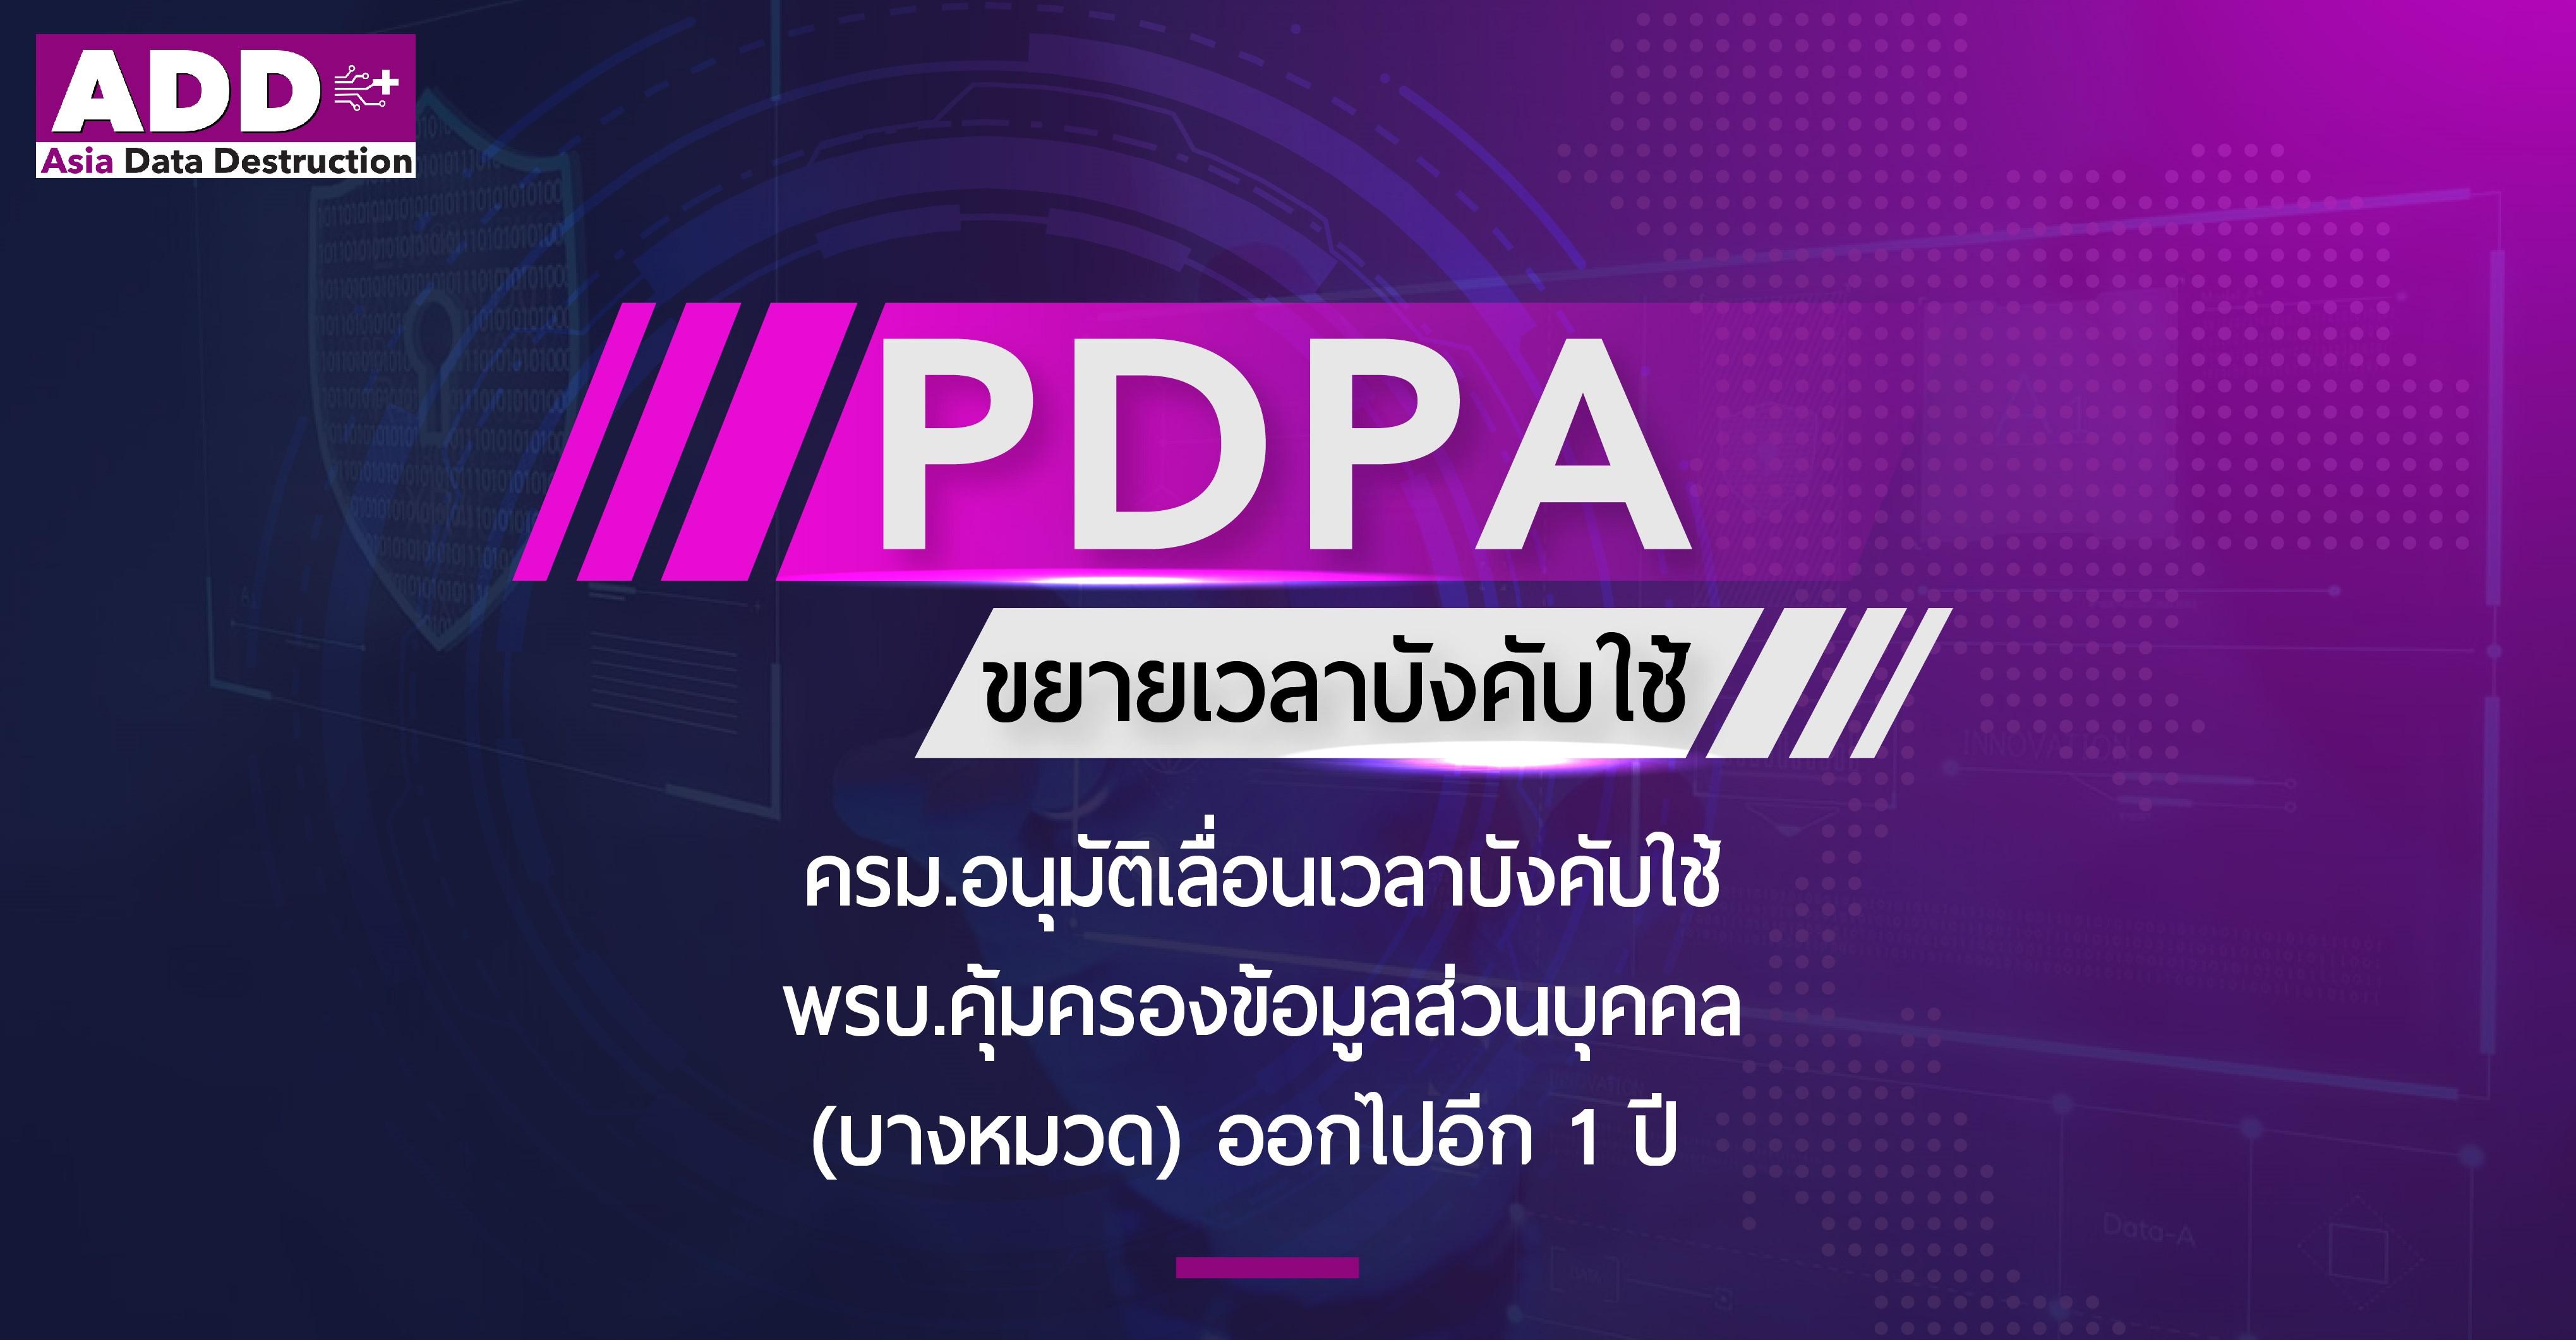 พรบ. คุ้มครองข้อมูลส่วนบุคคล(PDPA) เลื่อนการบังคับใช้ 1 ปี มีผลอะไรบ้าง และต้องปรับตัวอย่างไรให้สอดคล้องกับกฎหมาย 9